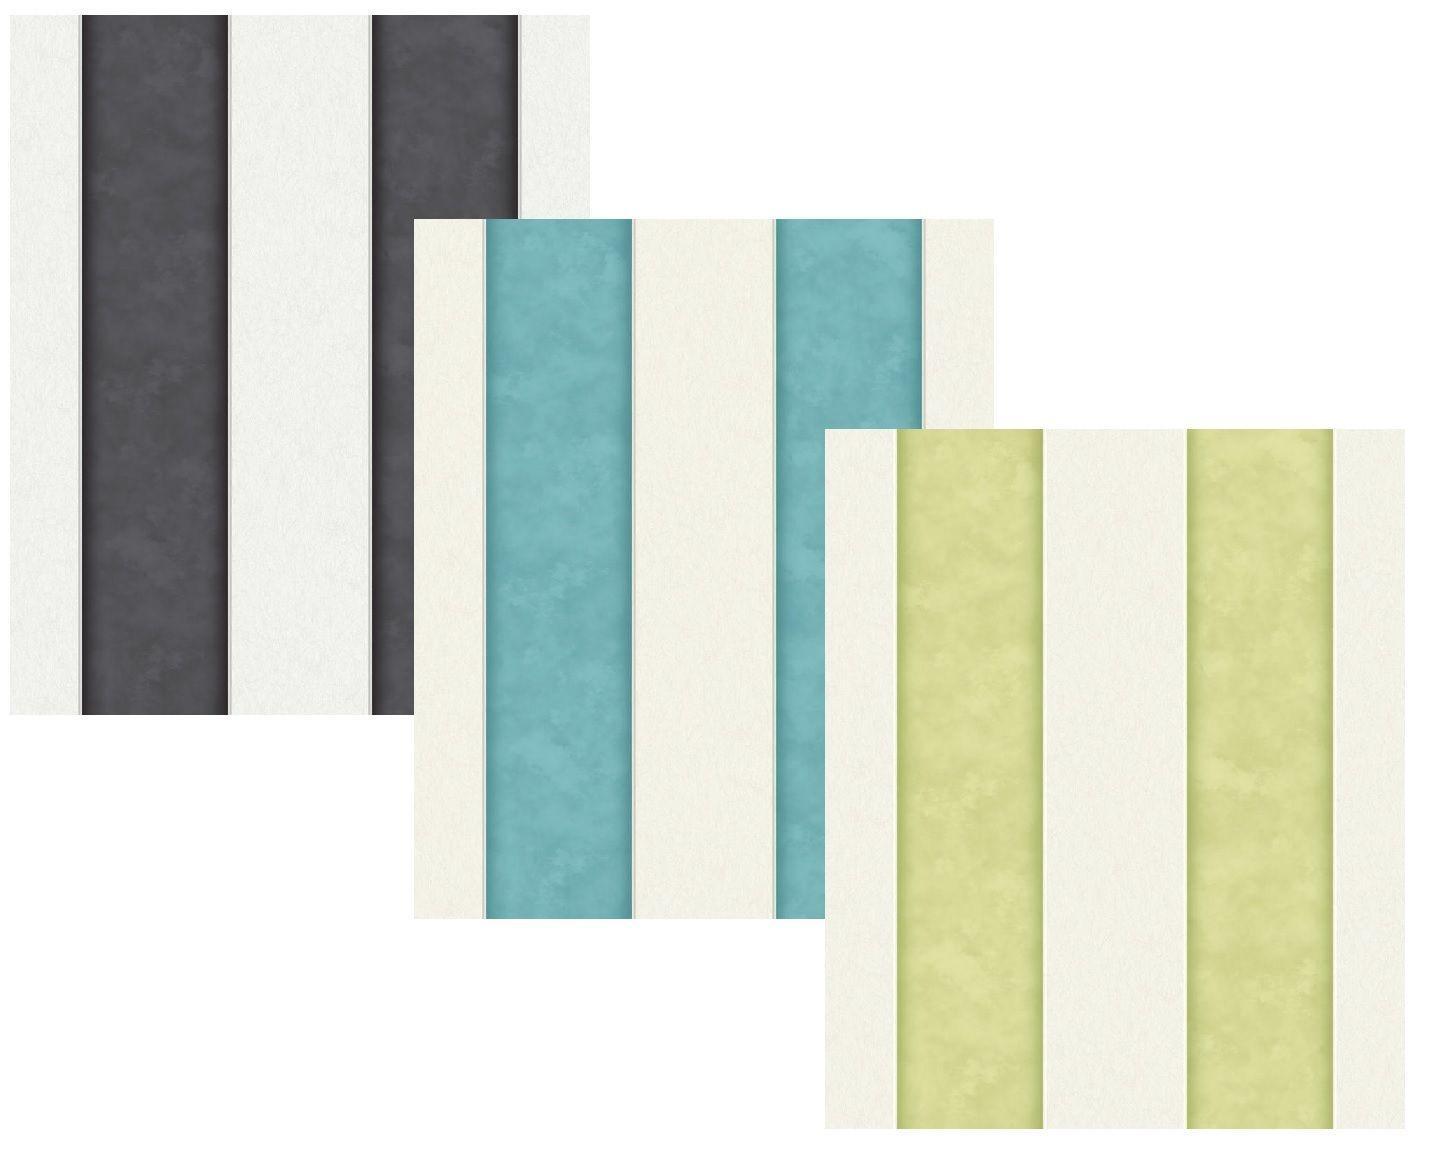 Tapeten Grün Weiß Streifen online kaufen bei Yatego